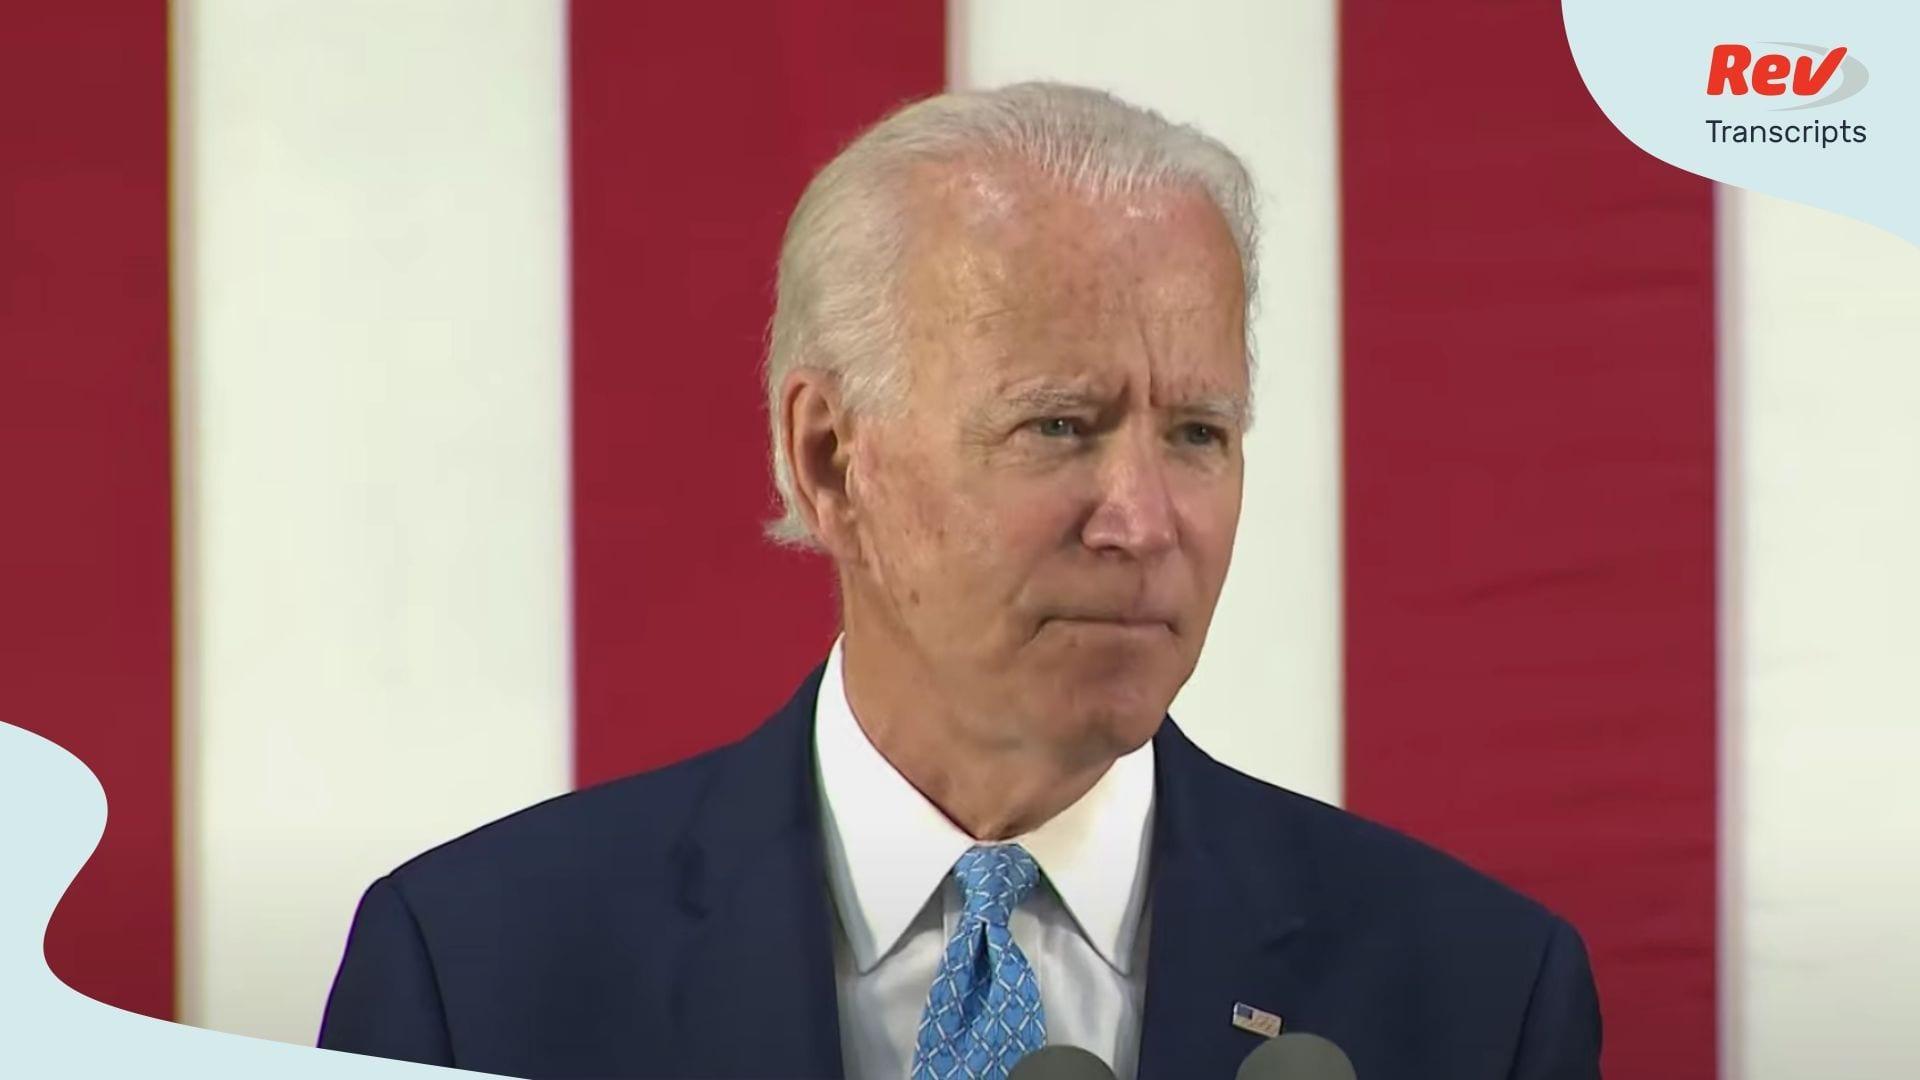 Joe Biden Speech on Coronavirus Outbreak June 30